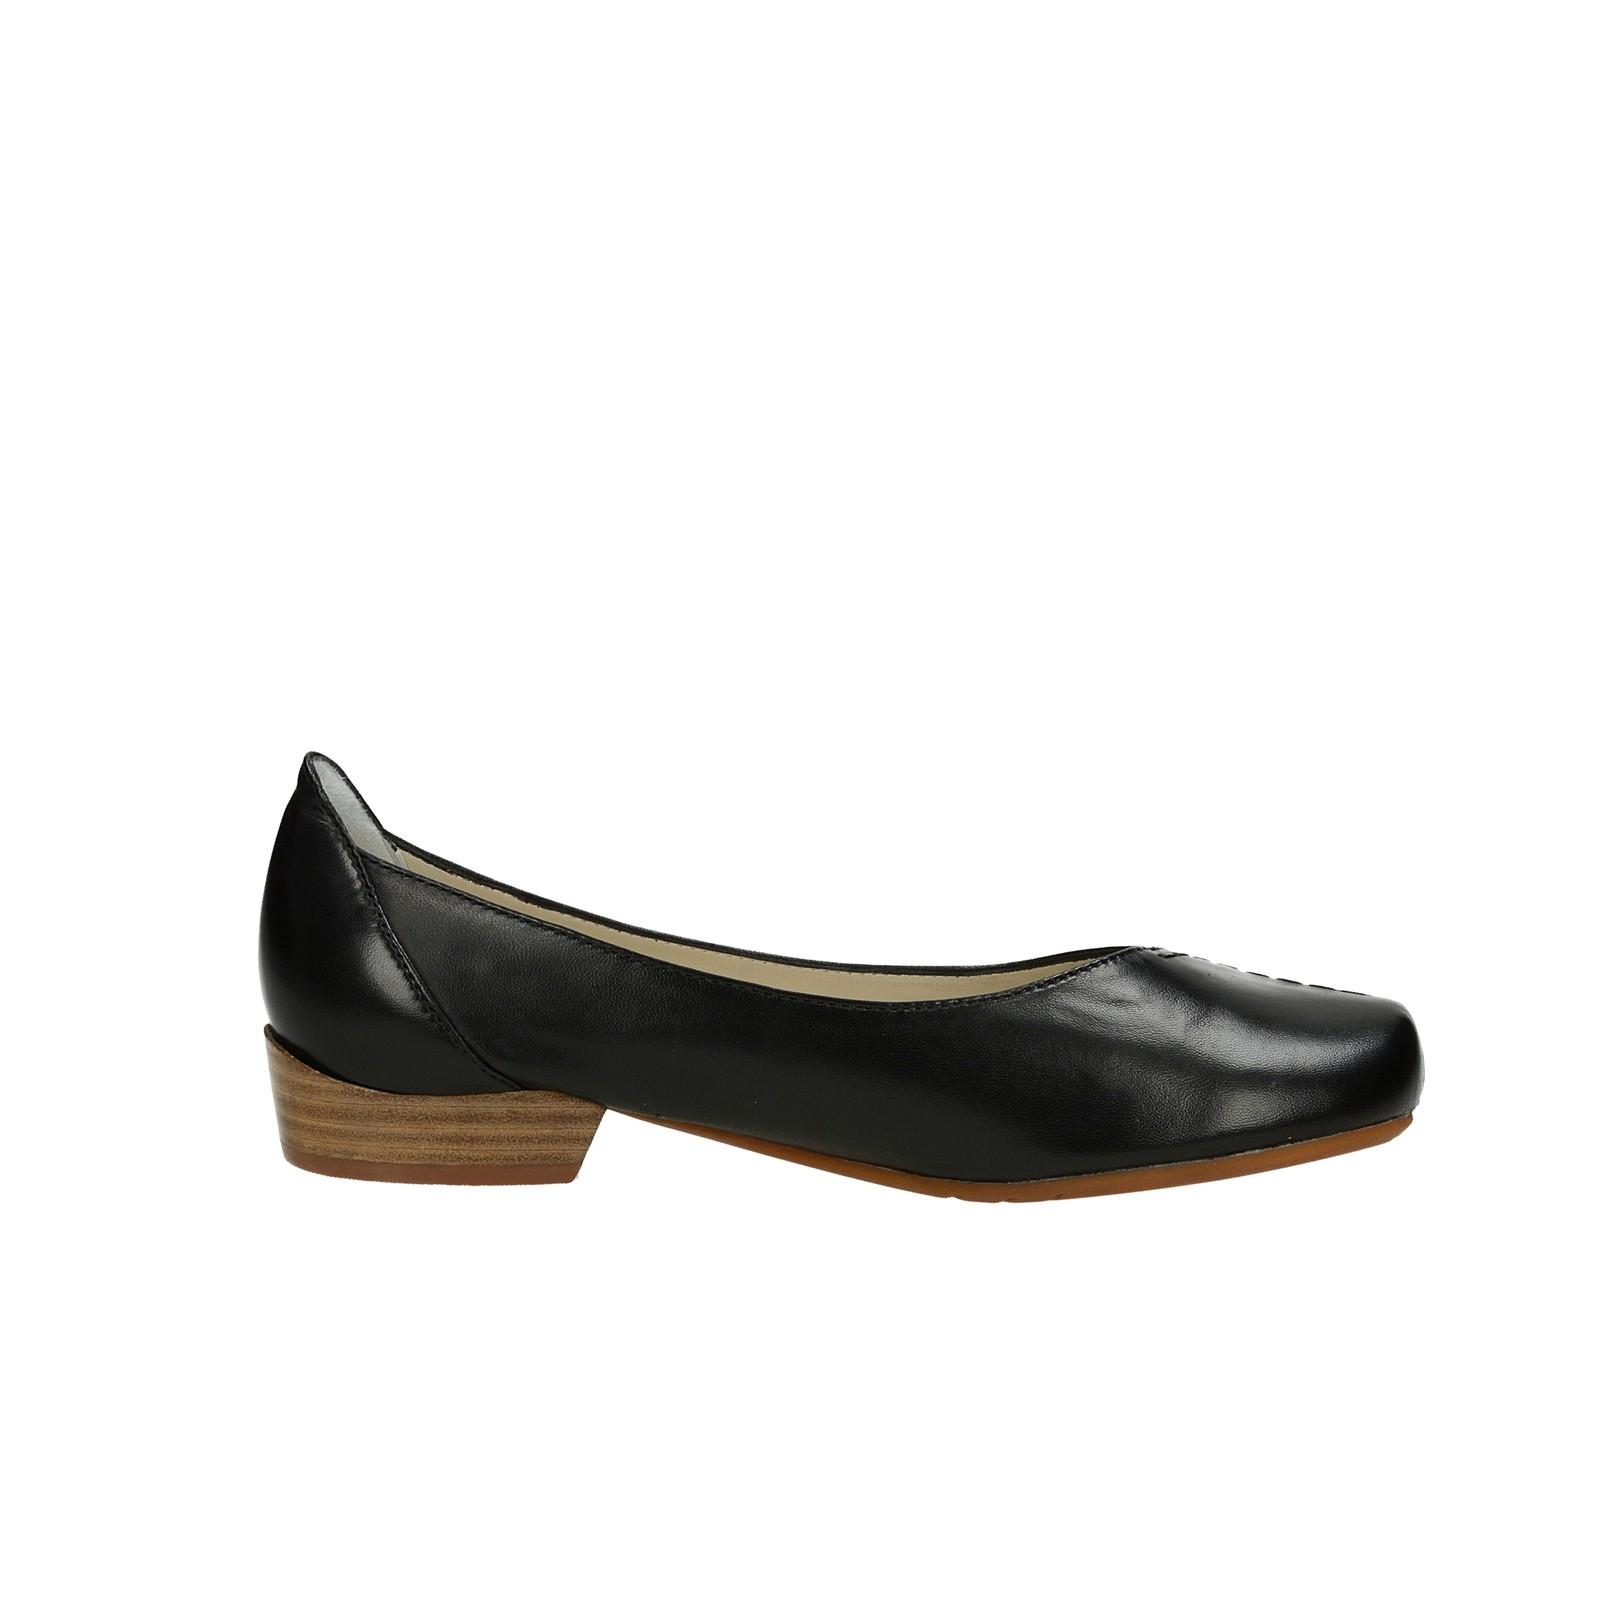 Canal Grande dámské kožené balerínky na podpatku - černé